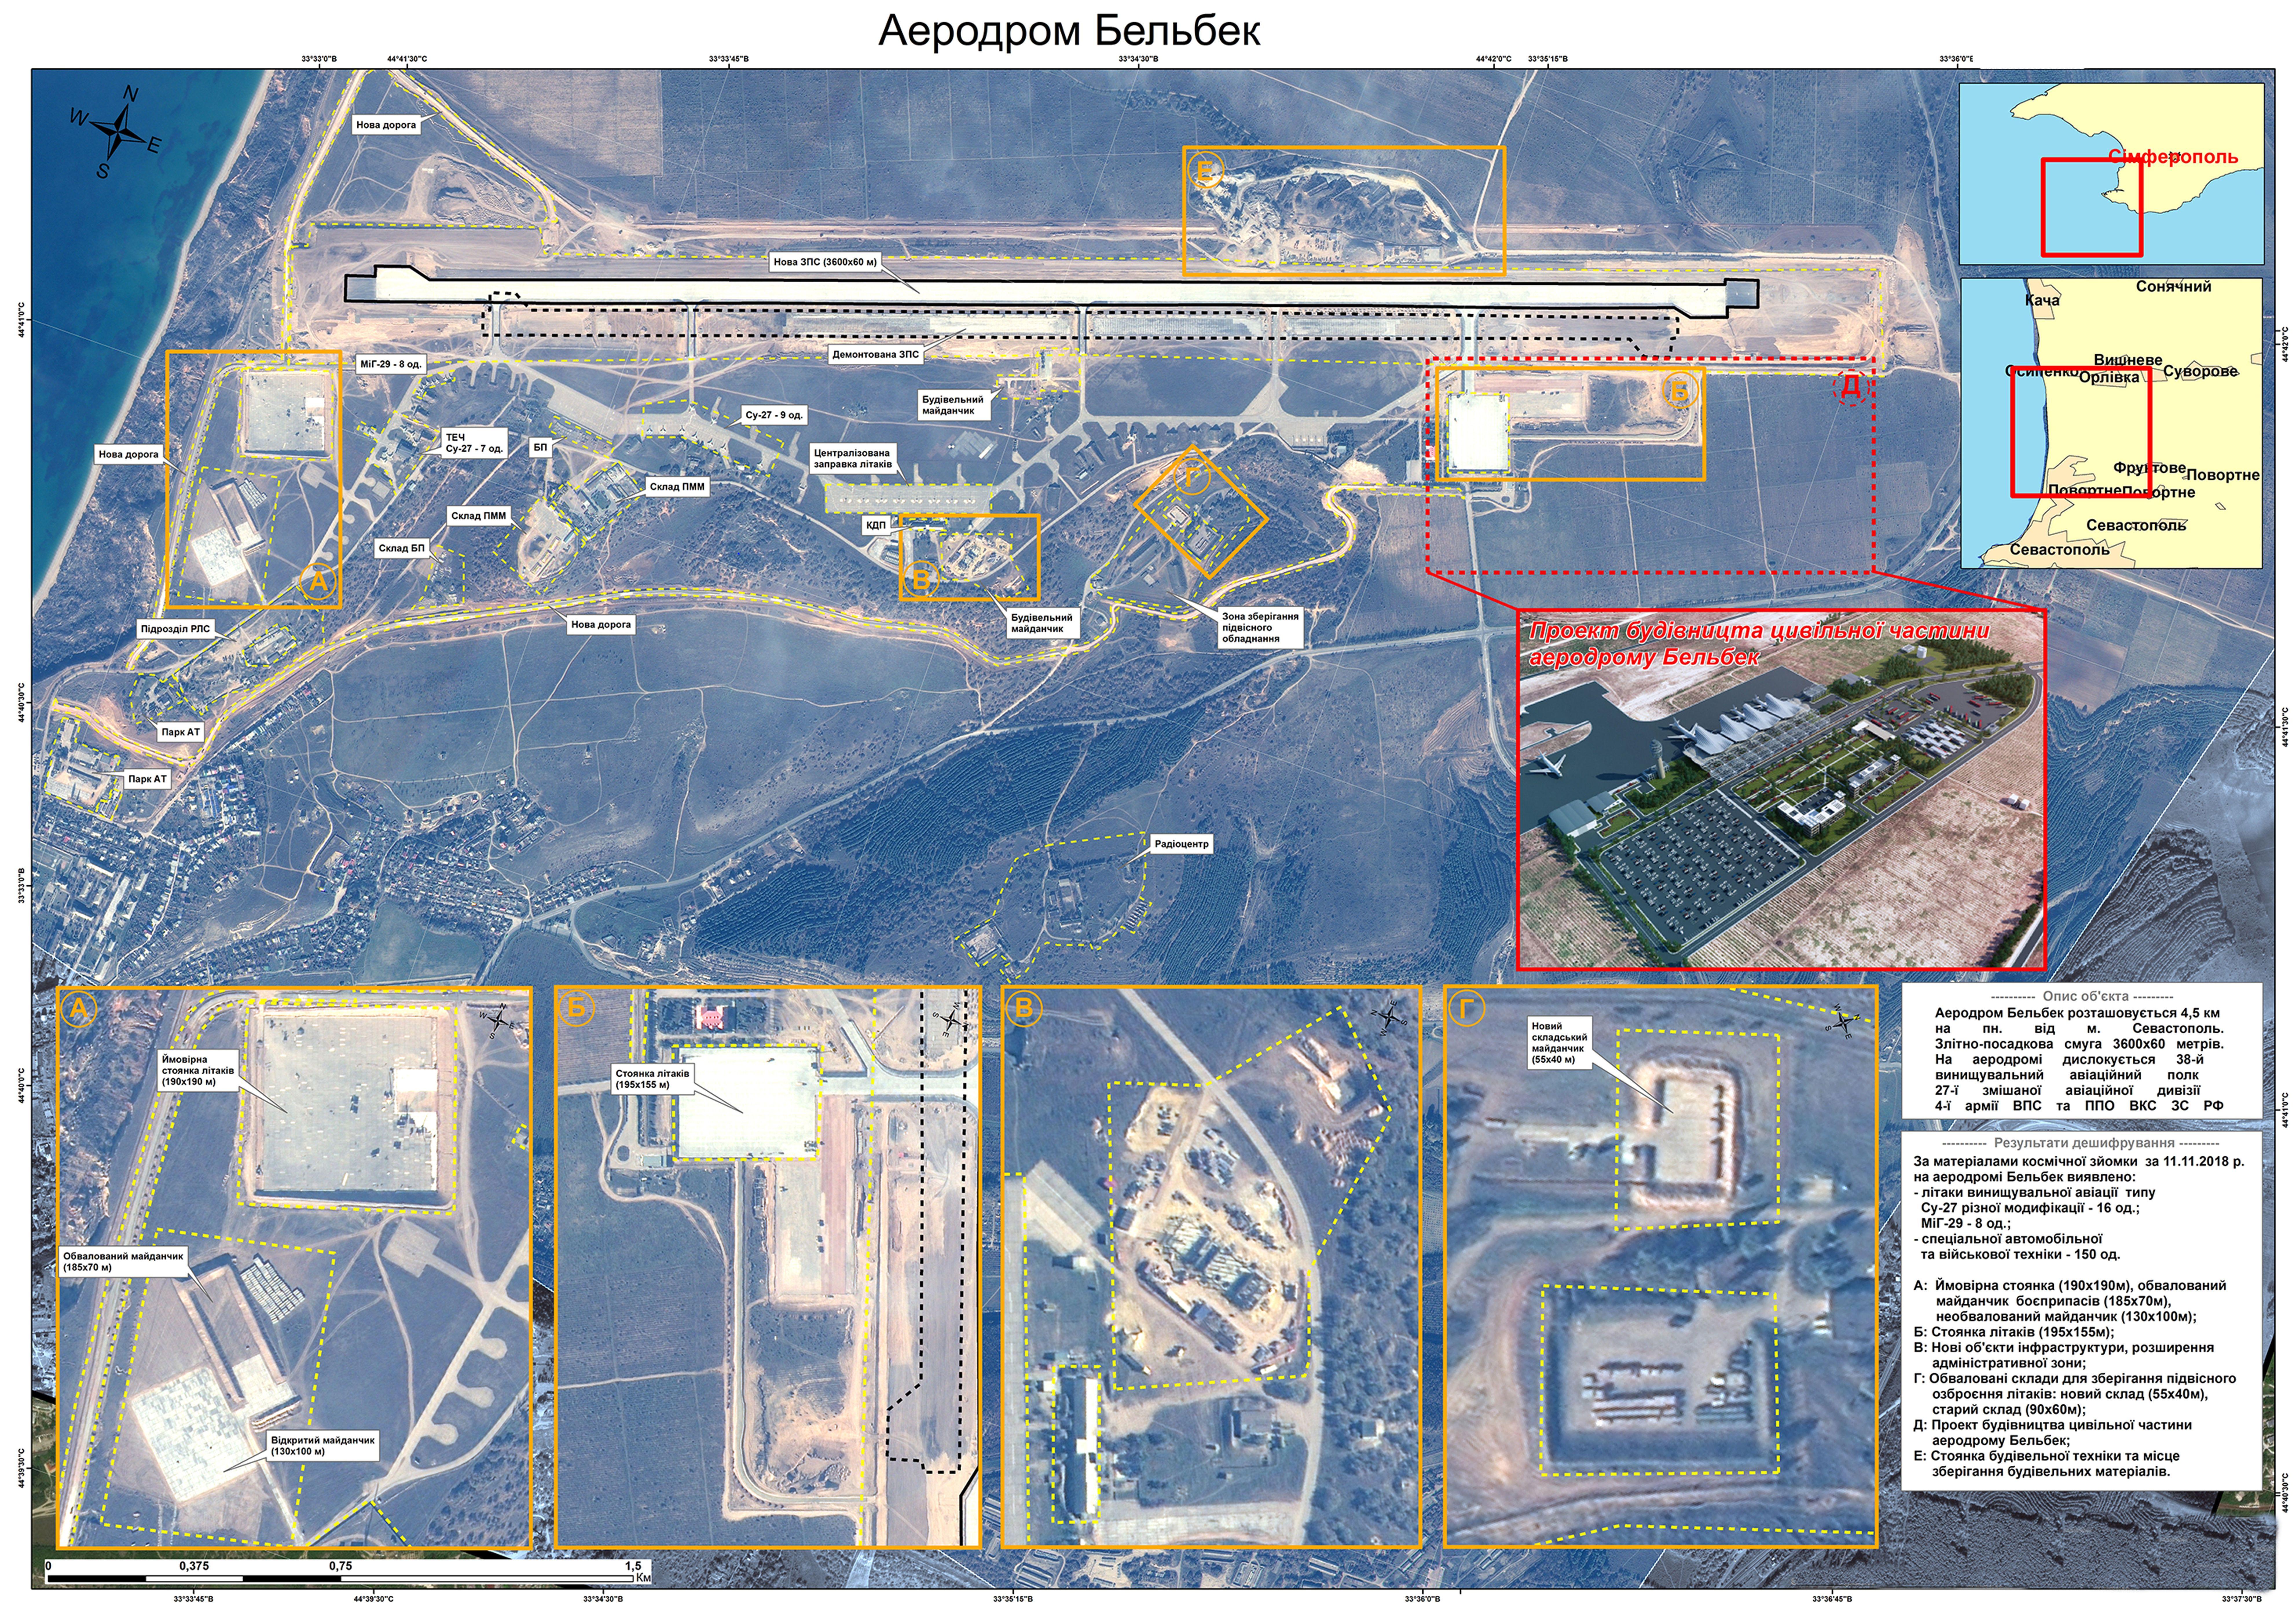 Російська авіація на аеродромі Бельбек листопад 2018